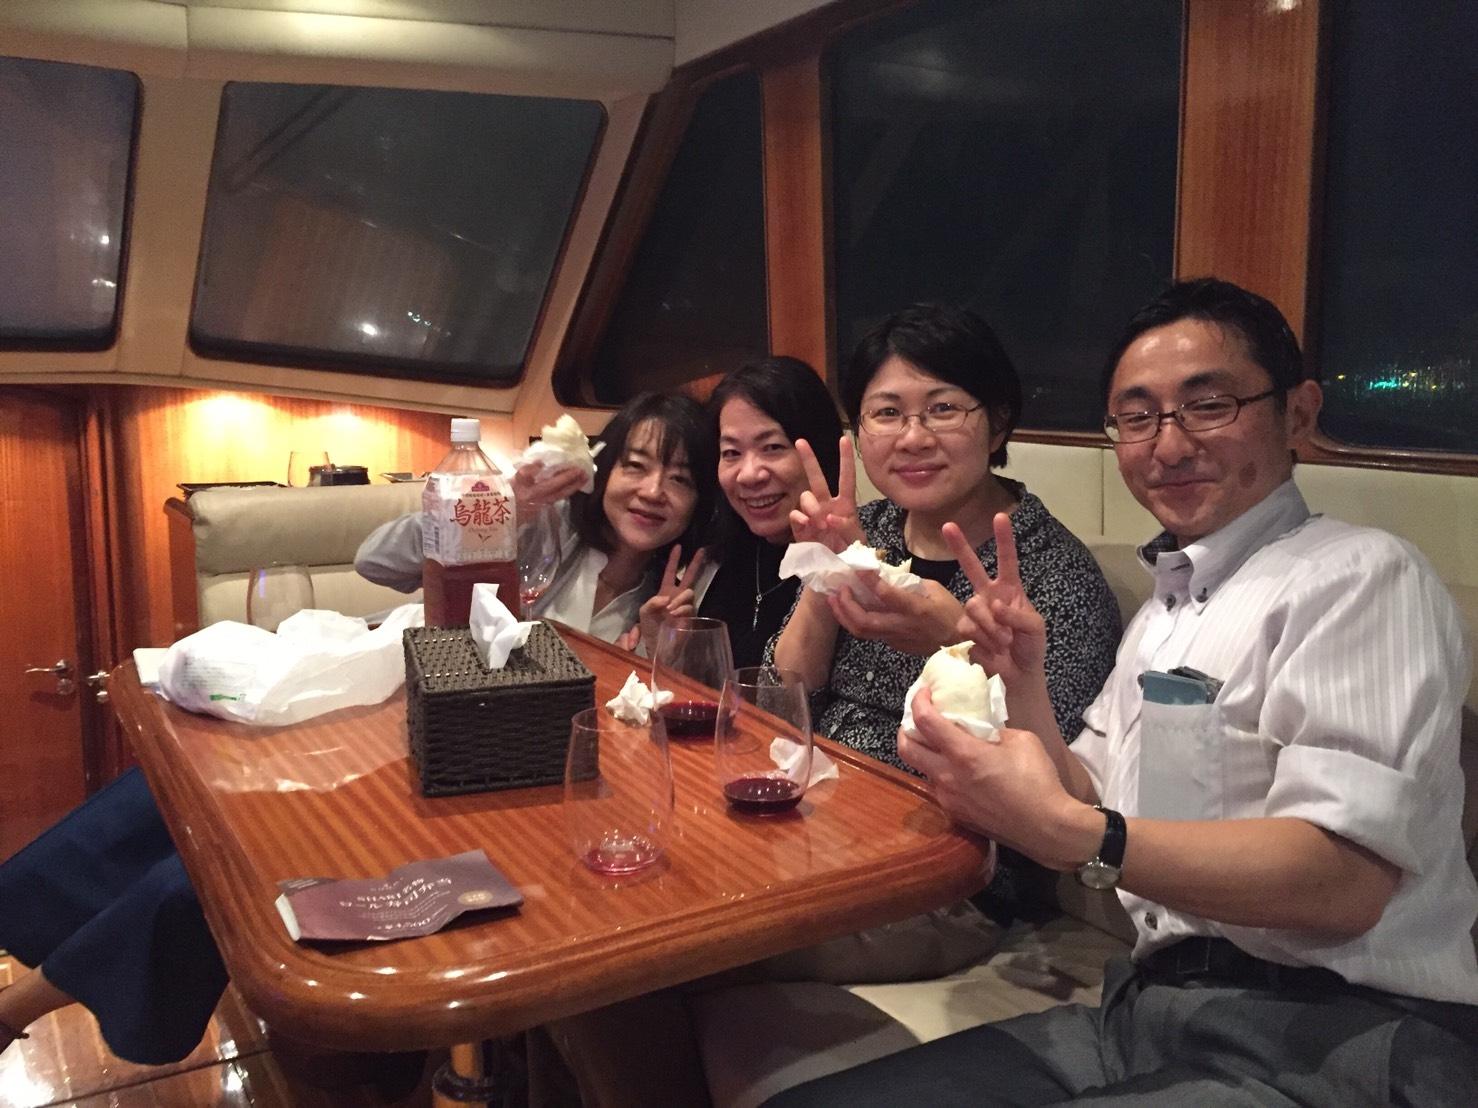 東京湾ナイトクルーズ3